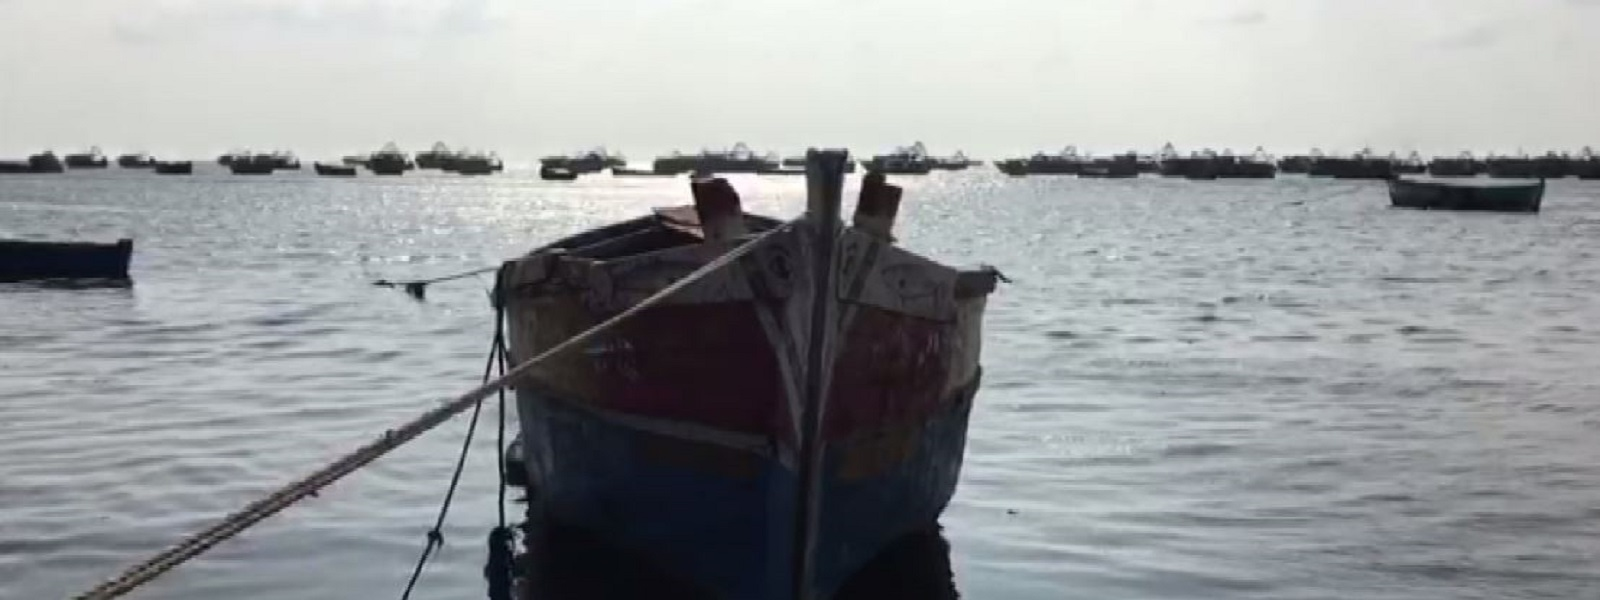 இராமேஸ்வரத்திலிருந்து இலங்கைக்கு கஞ்சா, பீடி இலைகள் கடத்தல் அதிகரிப்பு